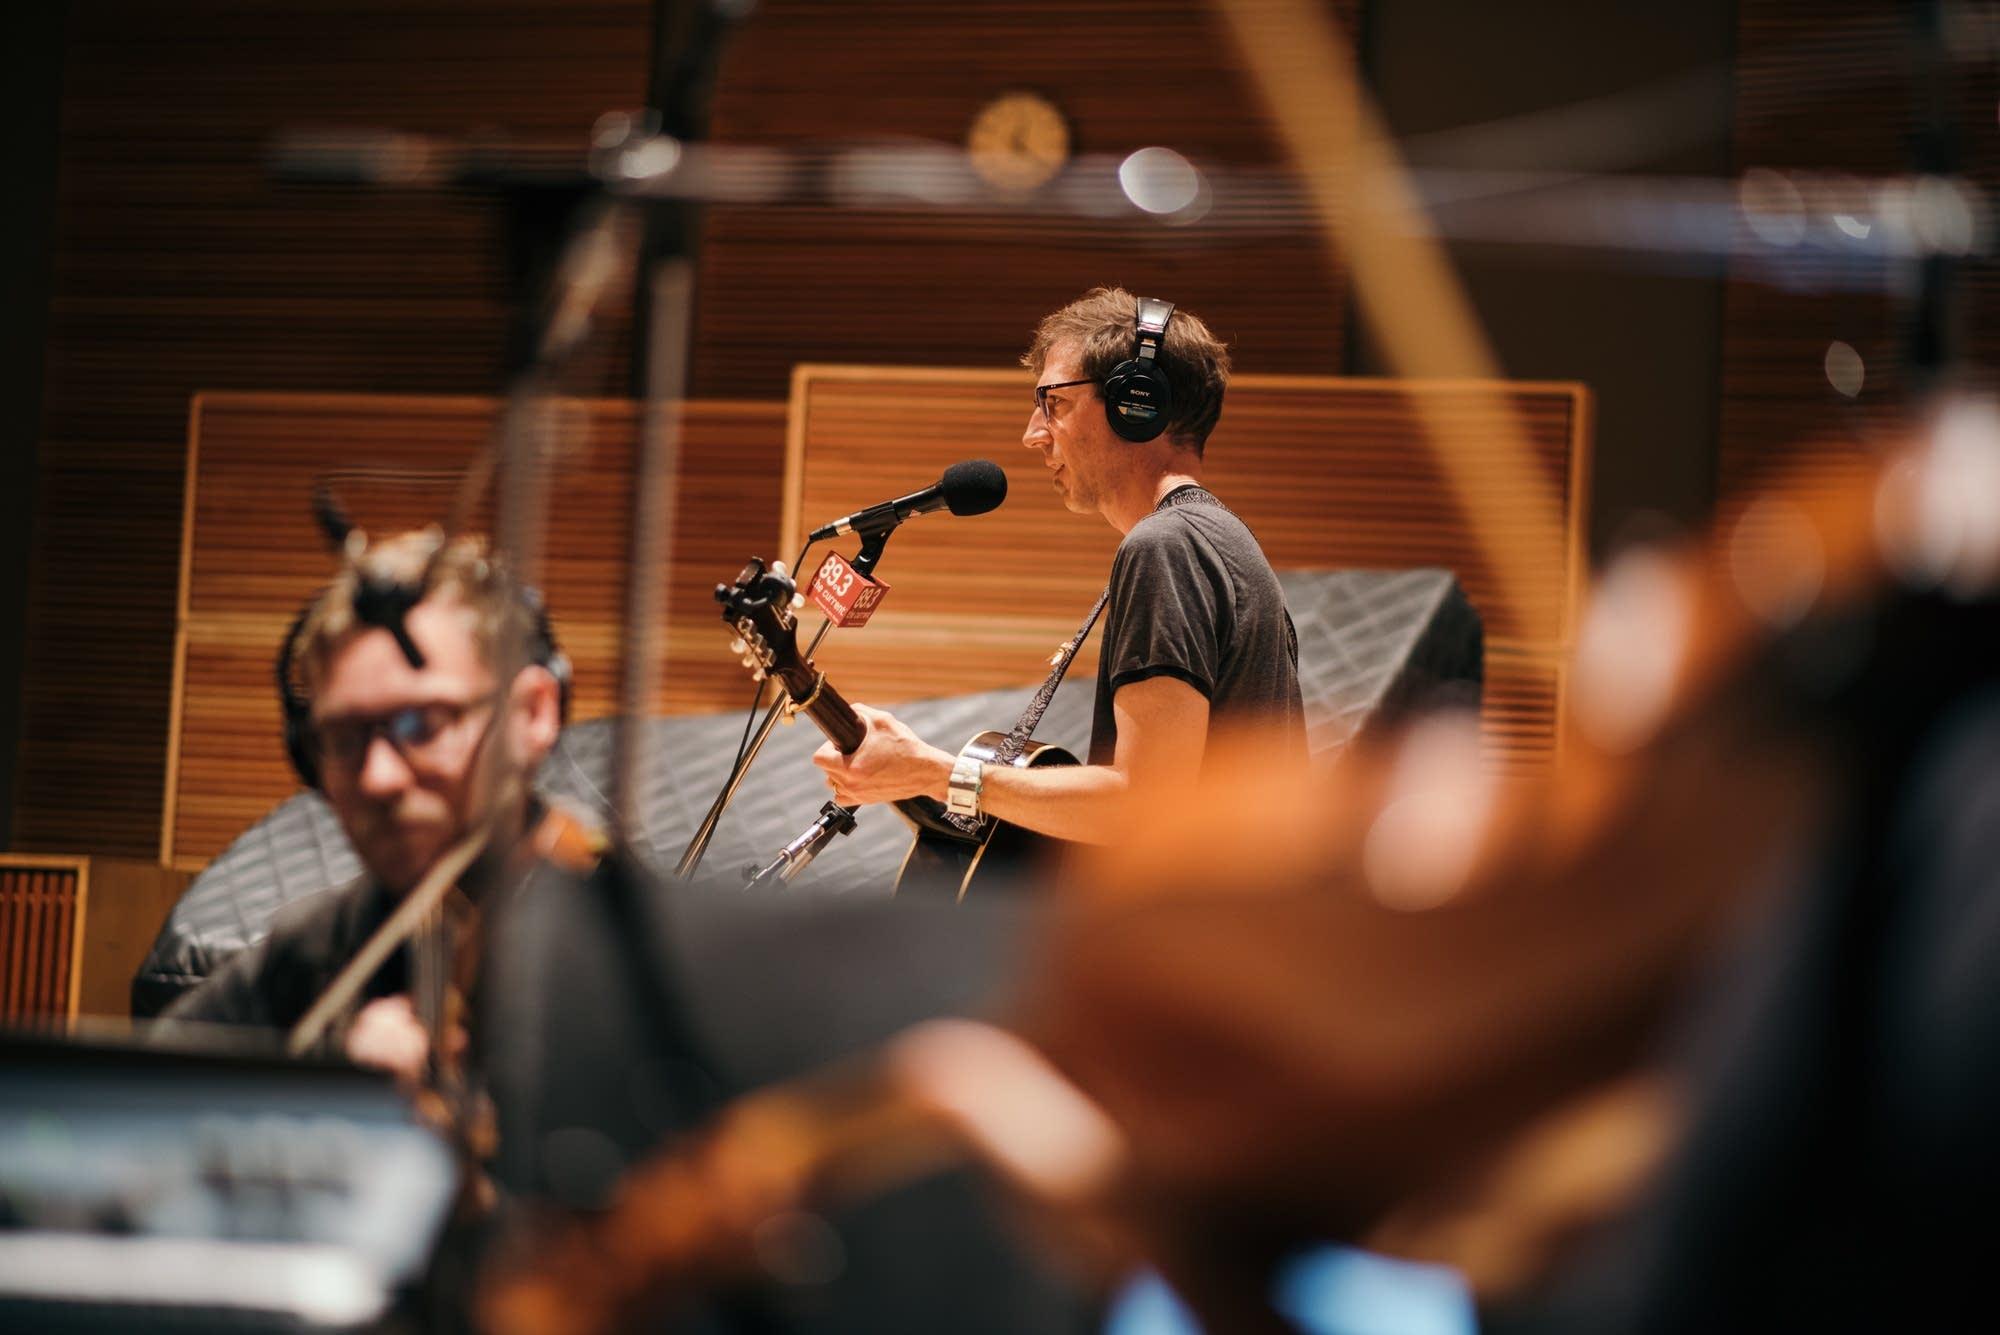 Fathom Lane and the Laurels String Quartet perform in the studio